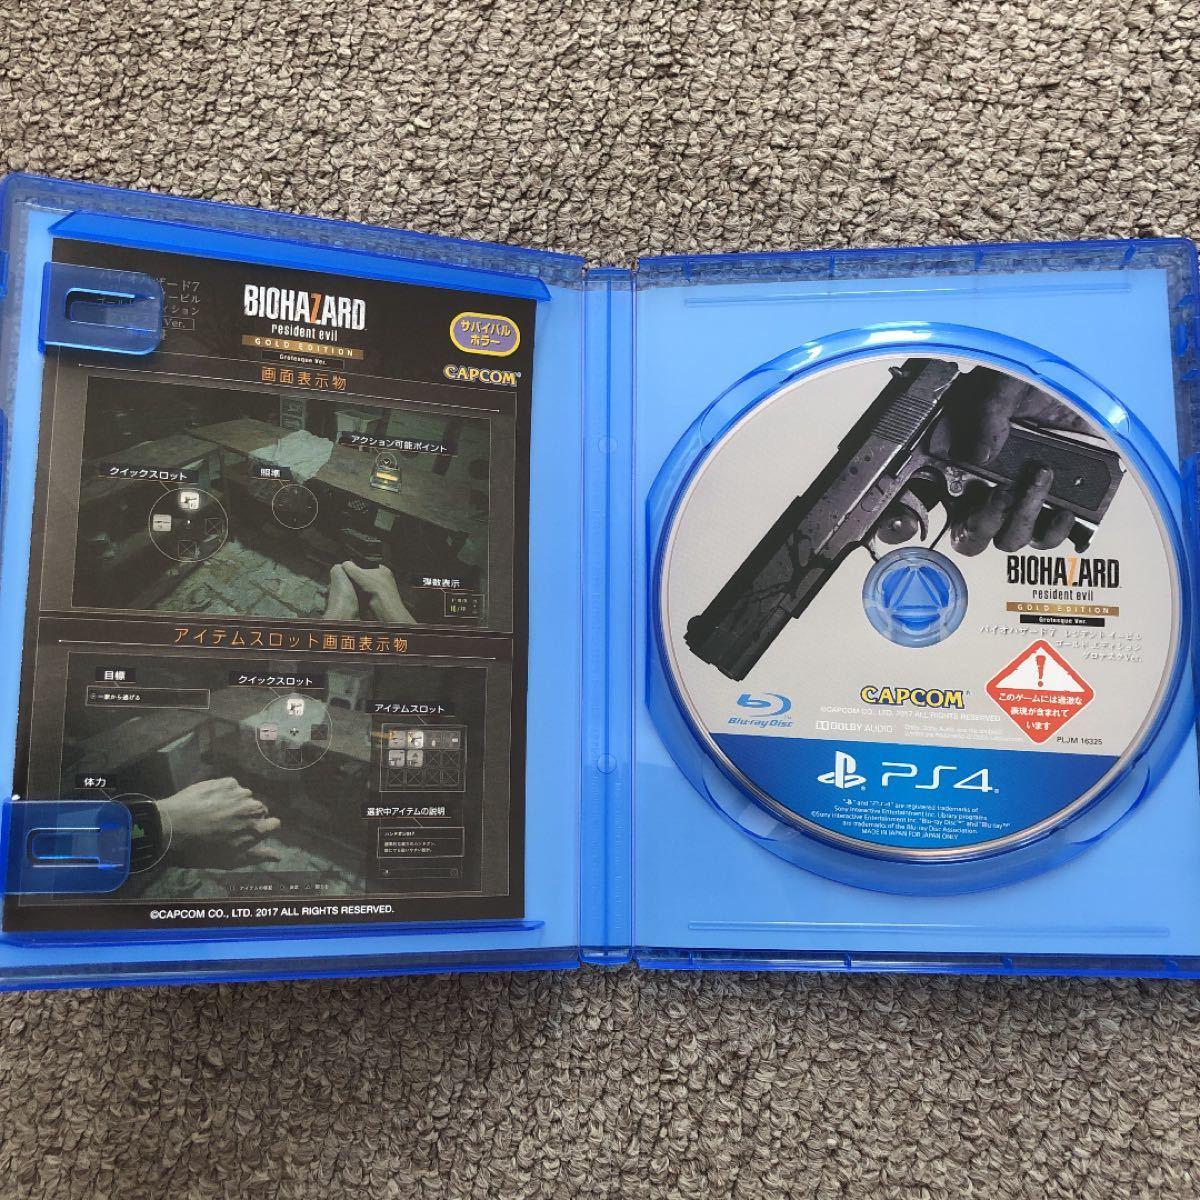 【PS4】 バイオハザード7 レジデント イービル ゴールド エディション グロテスクVer. [Best Price]